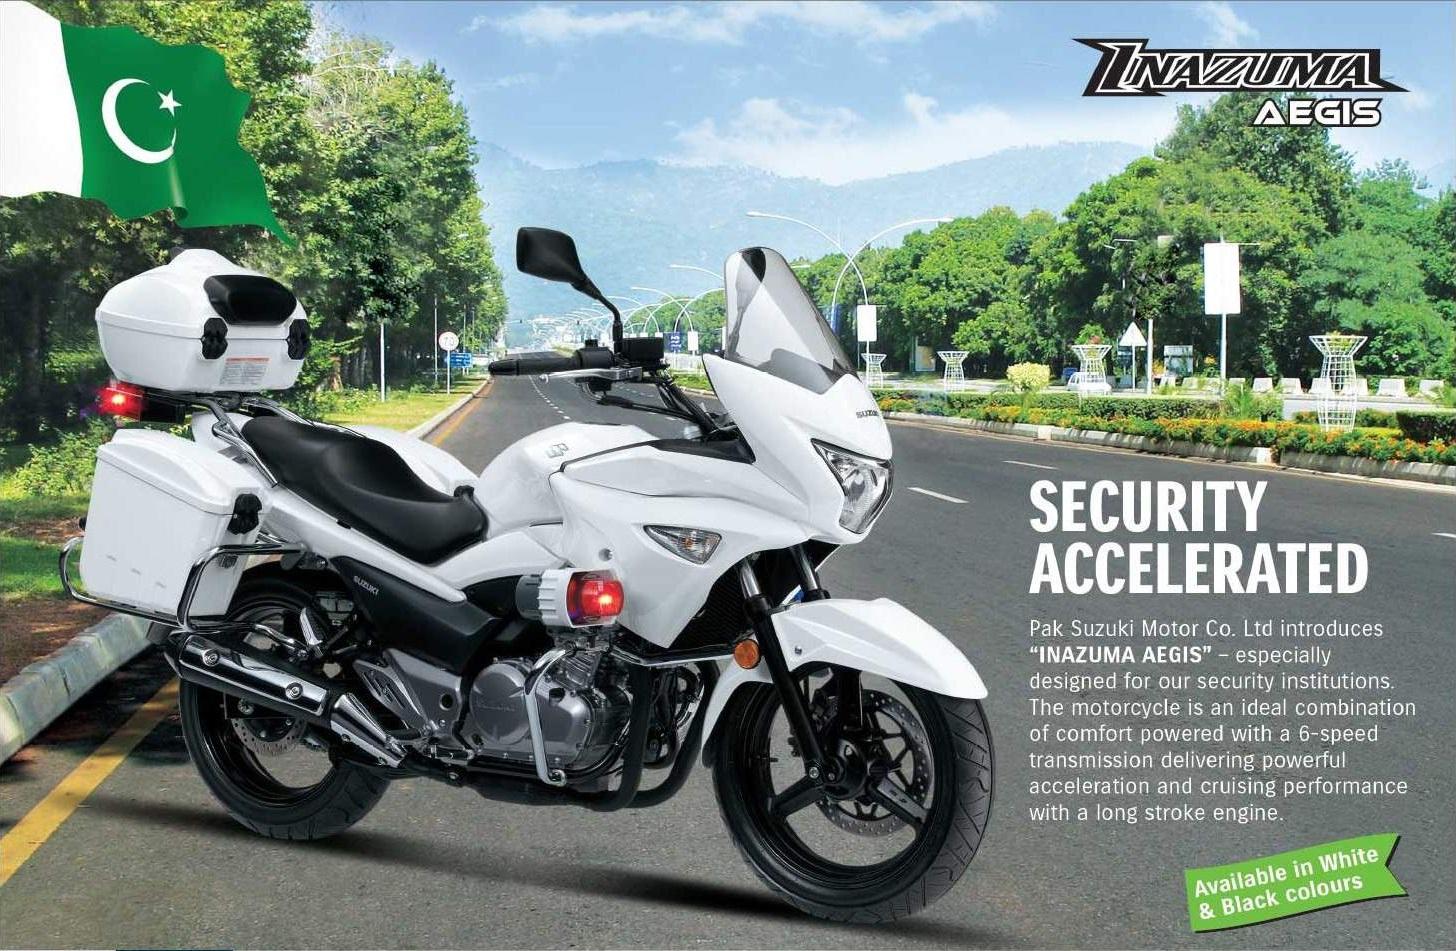 Inazuma-Aegis-Security